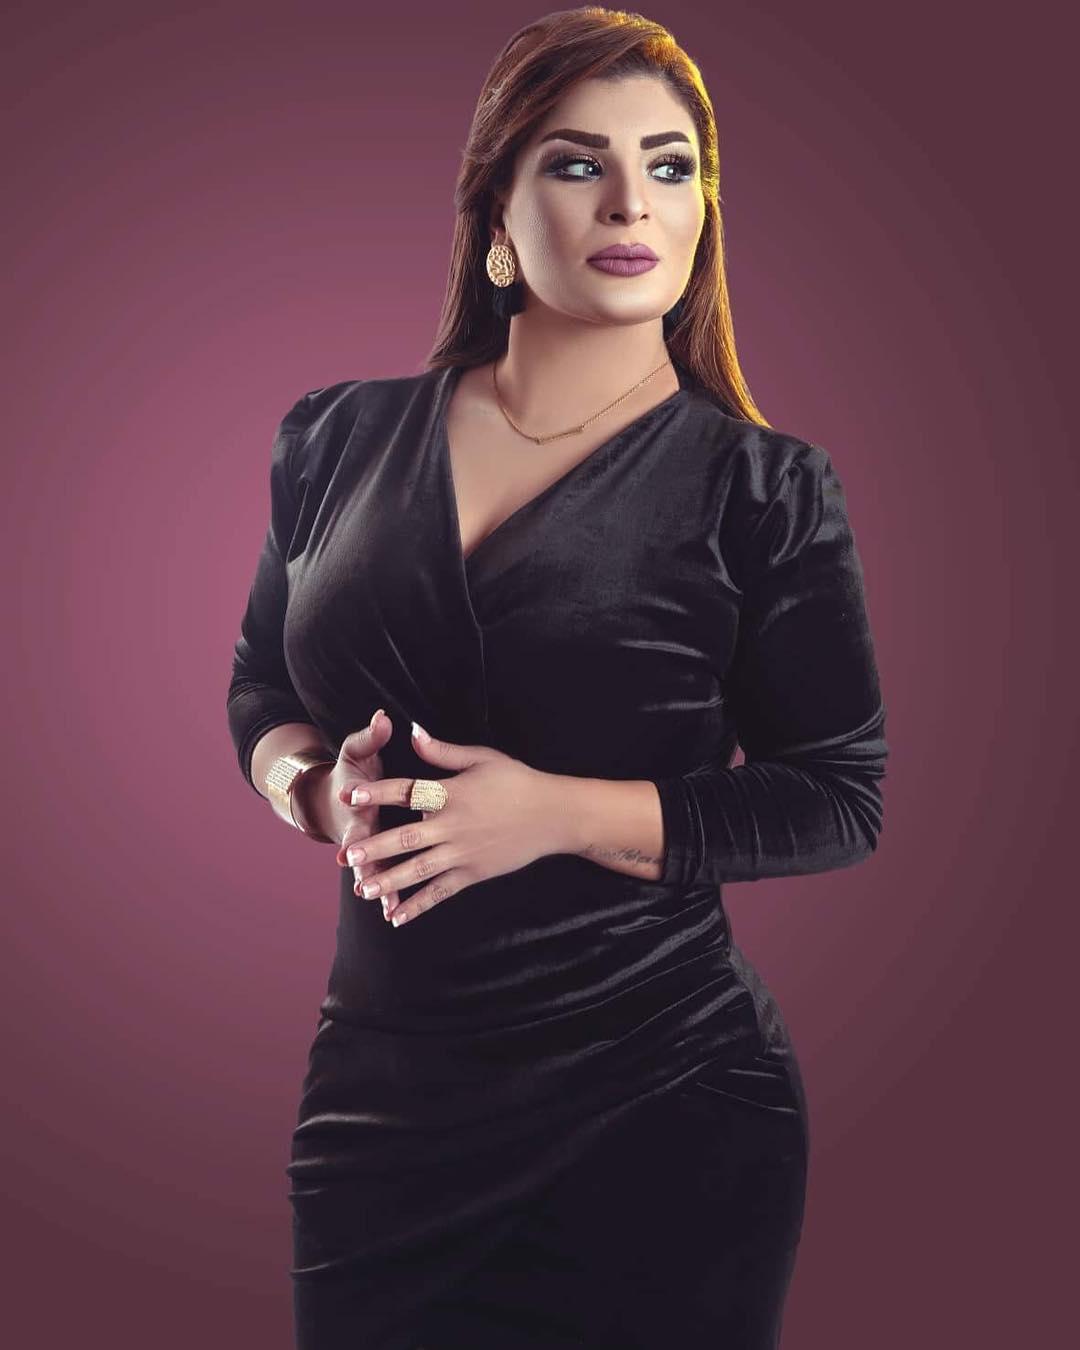 الإعلامية ناهد عونى تتألق بفستان أسود في أحدث جلسة تصوير